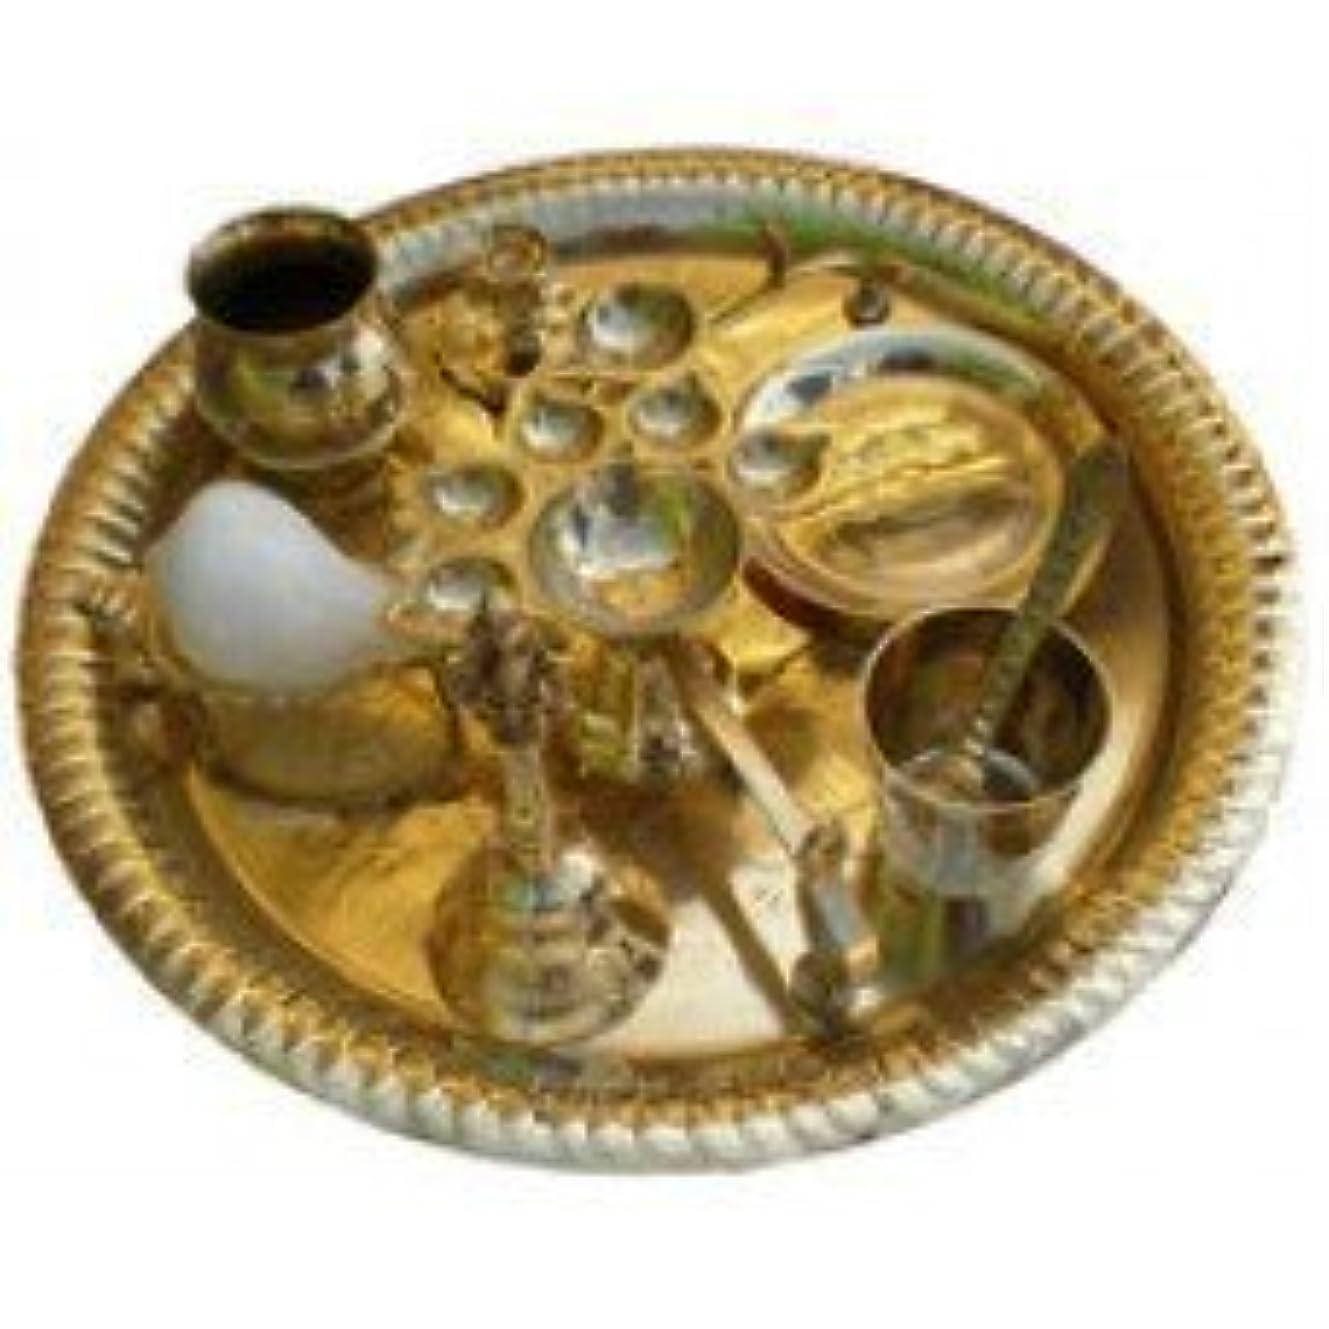 本イノセンス一緒にAarti Set (tray with Bell, Incense Holder, Flower Tray, Conch, Ghee Lamps)